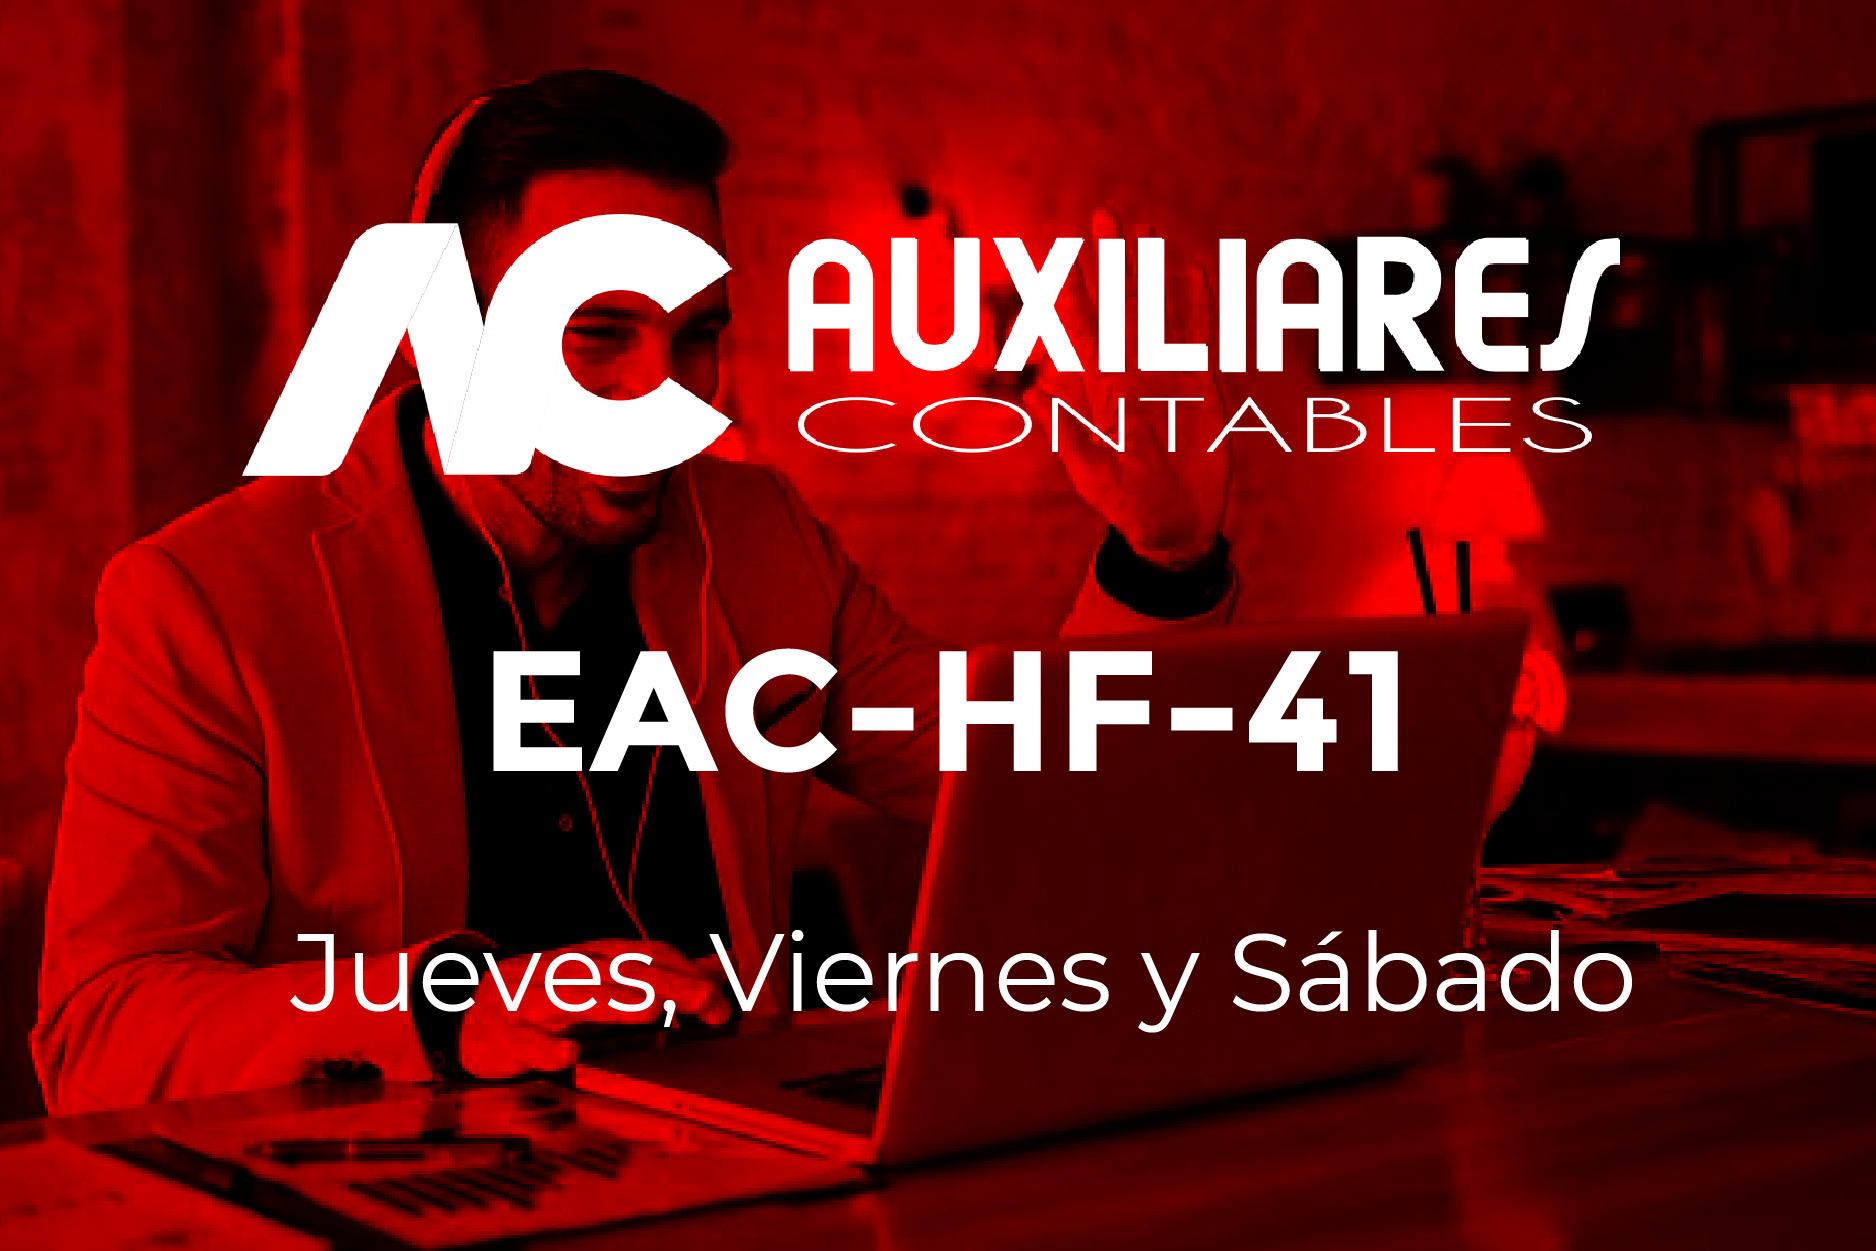 41 - AUXILIARES CONTABLES - JUEVES, VIERNES y SÁBADO